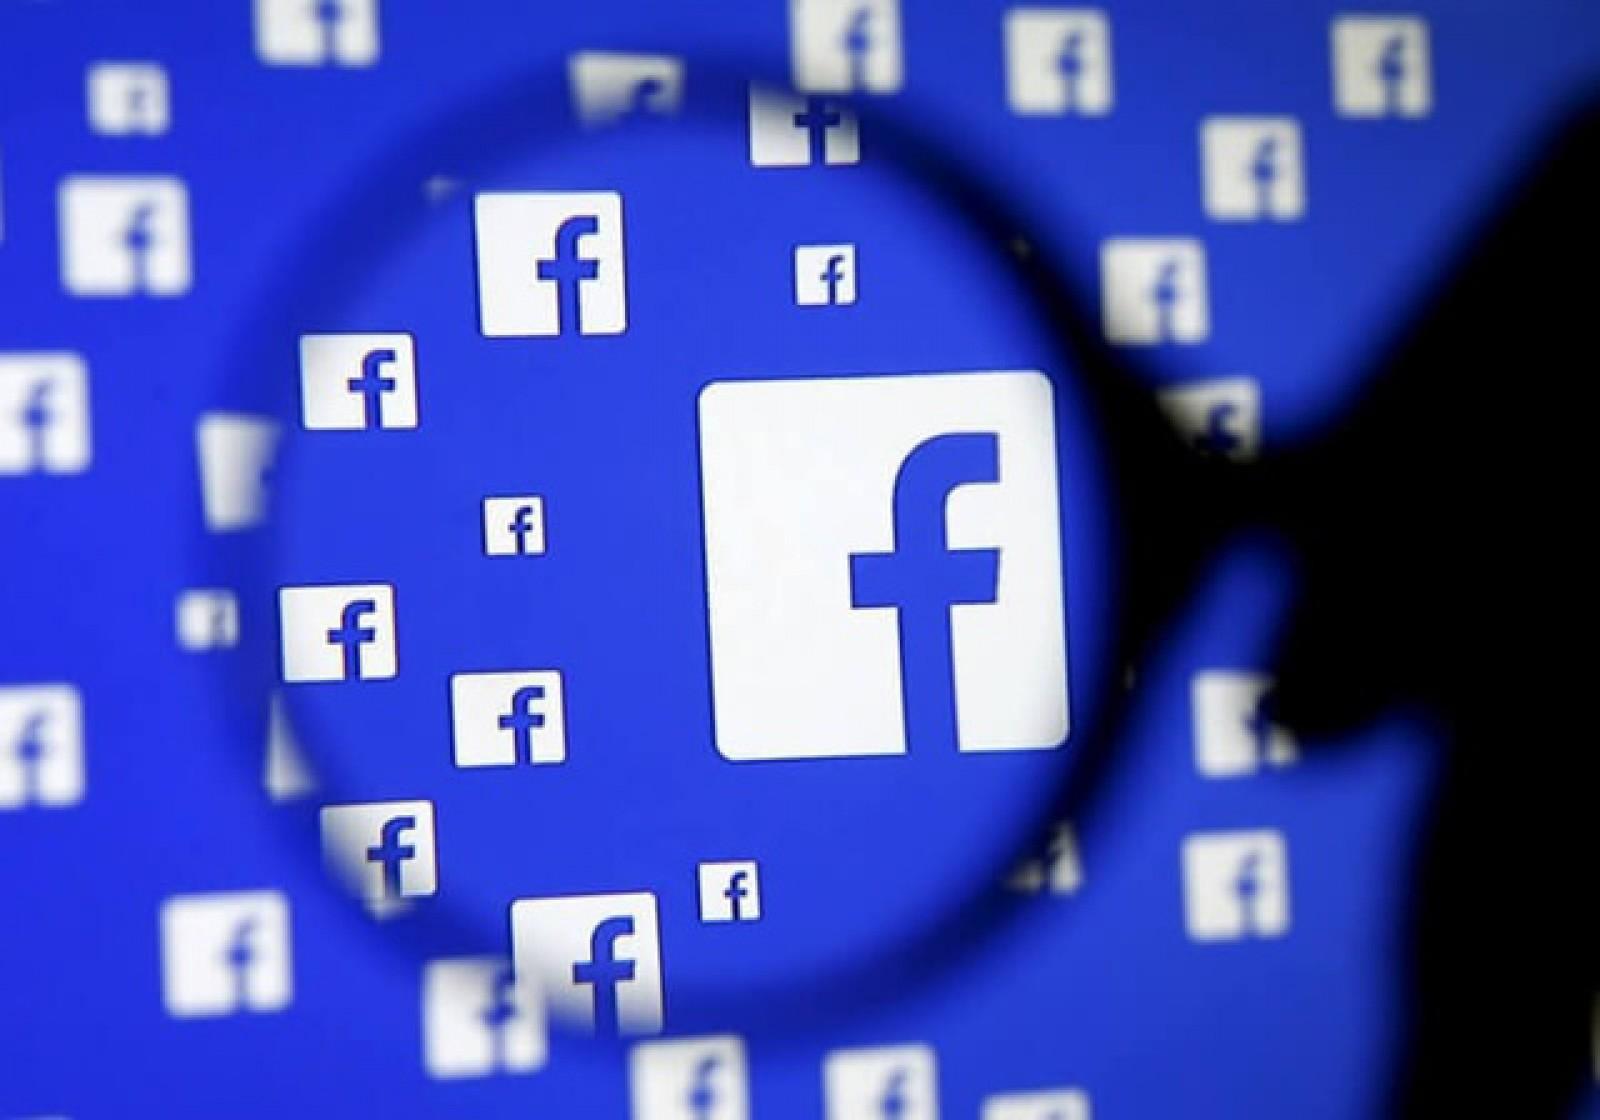 Facebook a închis peste 580 de milioane de conturi false la începutul anului 2018